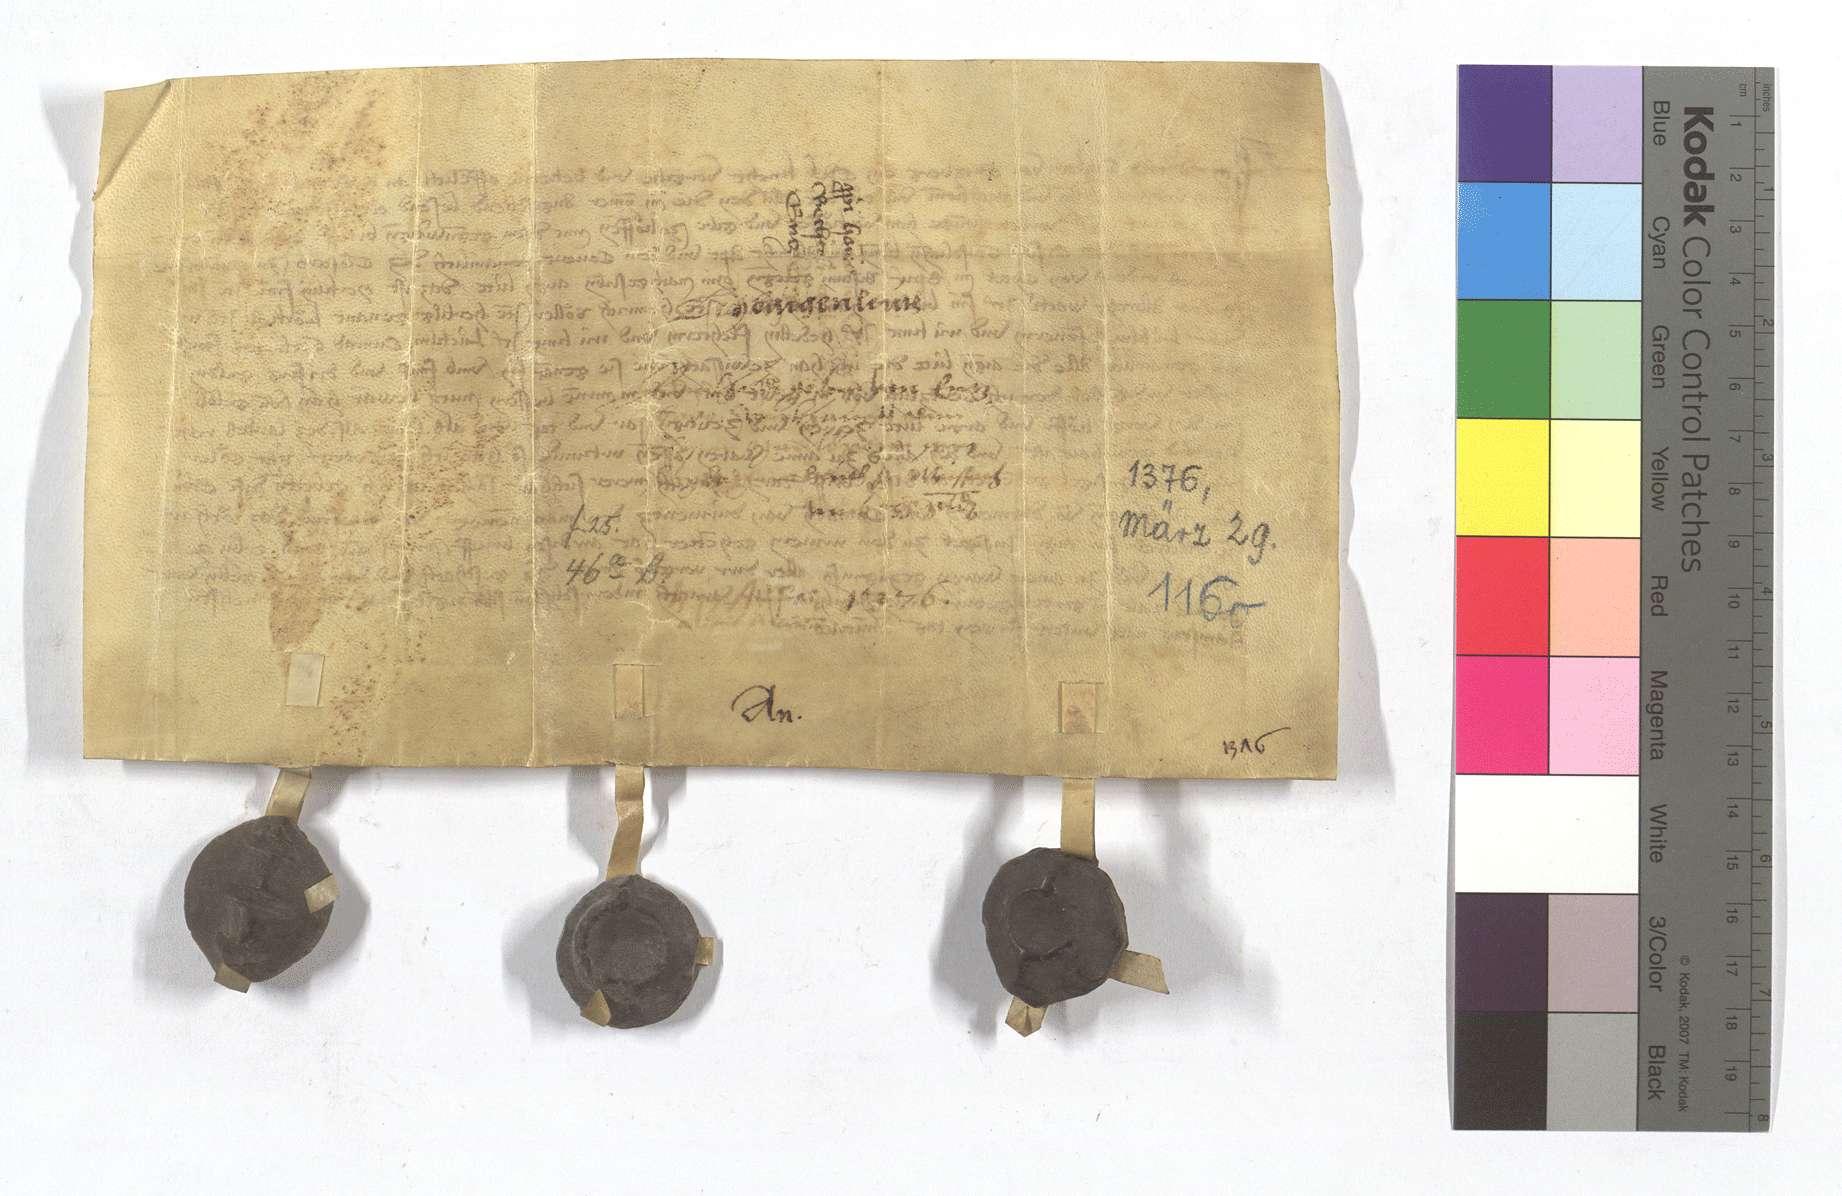 Fertigung des Berthold (Berhtold) Goler von Enzberg gegen das Kloster Maulbronn um seine Leibeigenen in Weissach., Rückseite